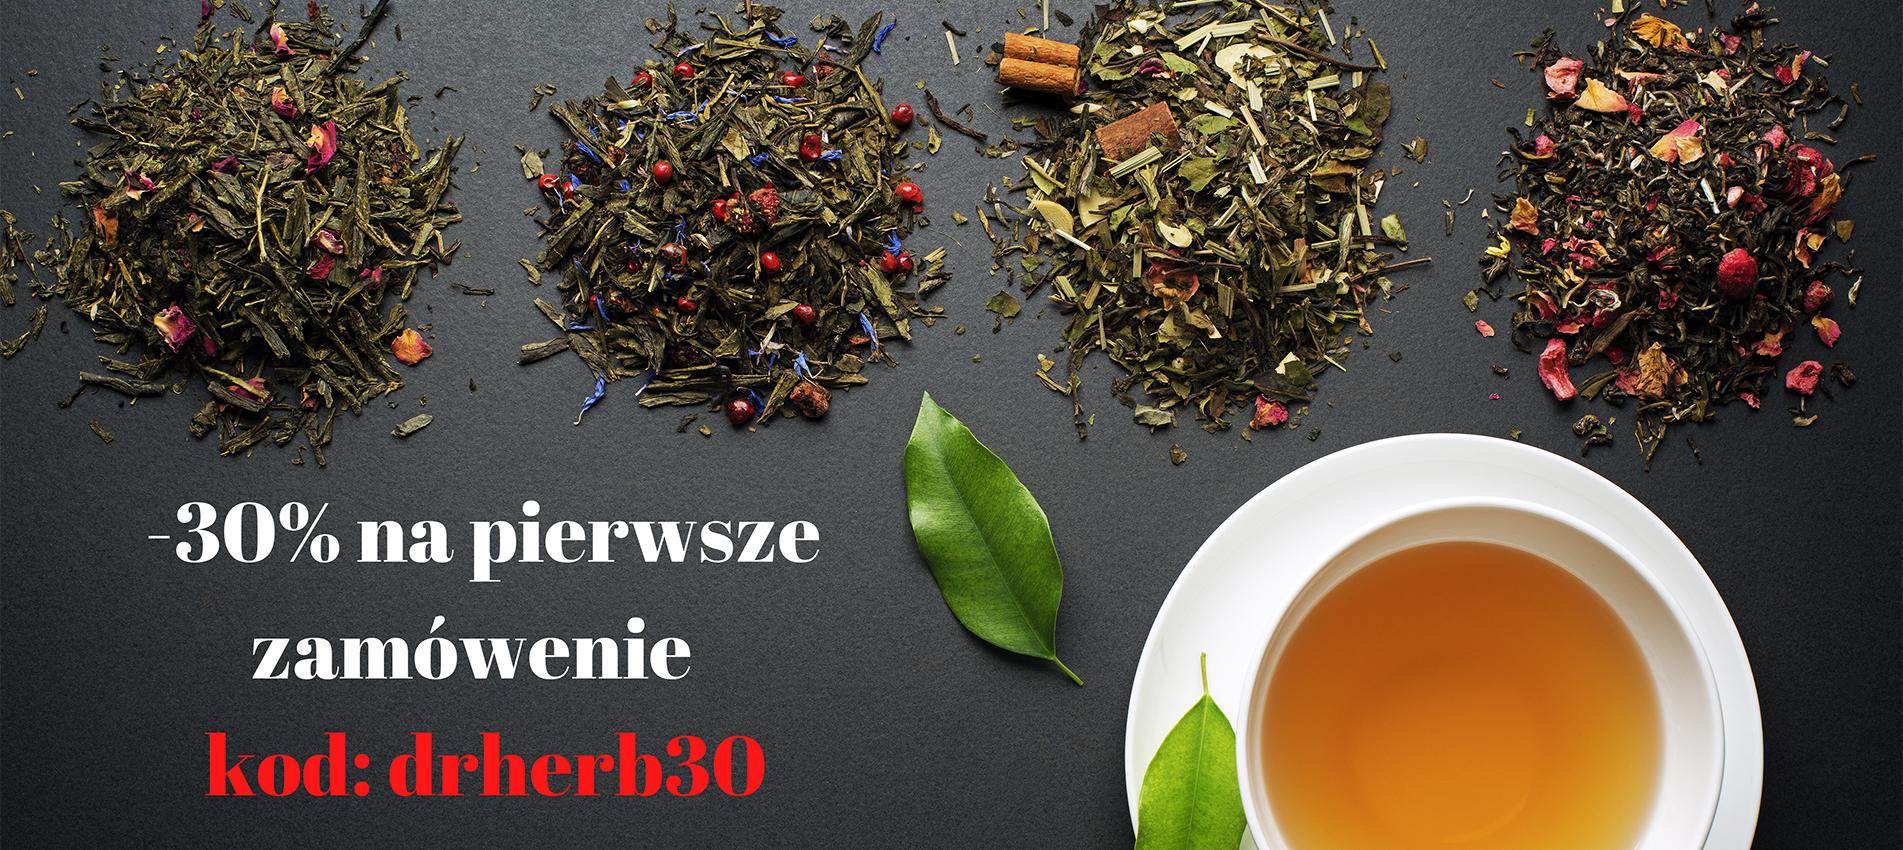 -30% na pierwsze zamówienie Kawy i Herbaty Drherb